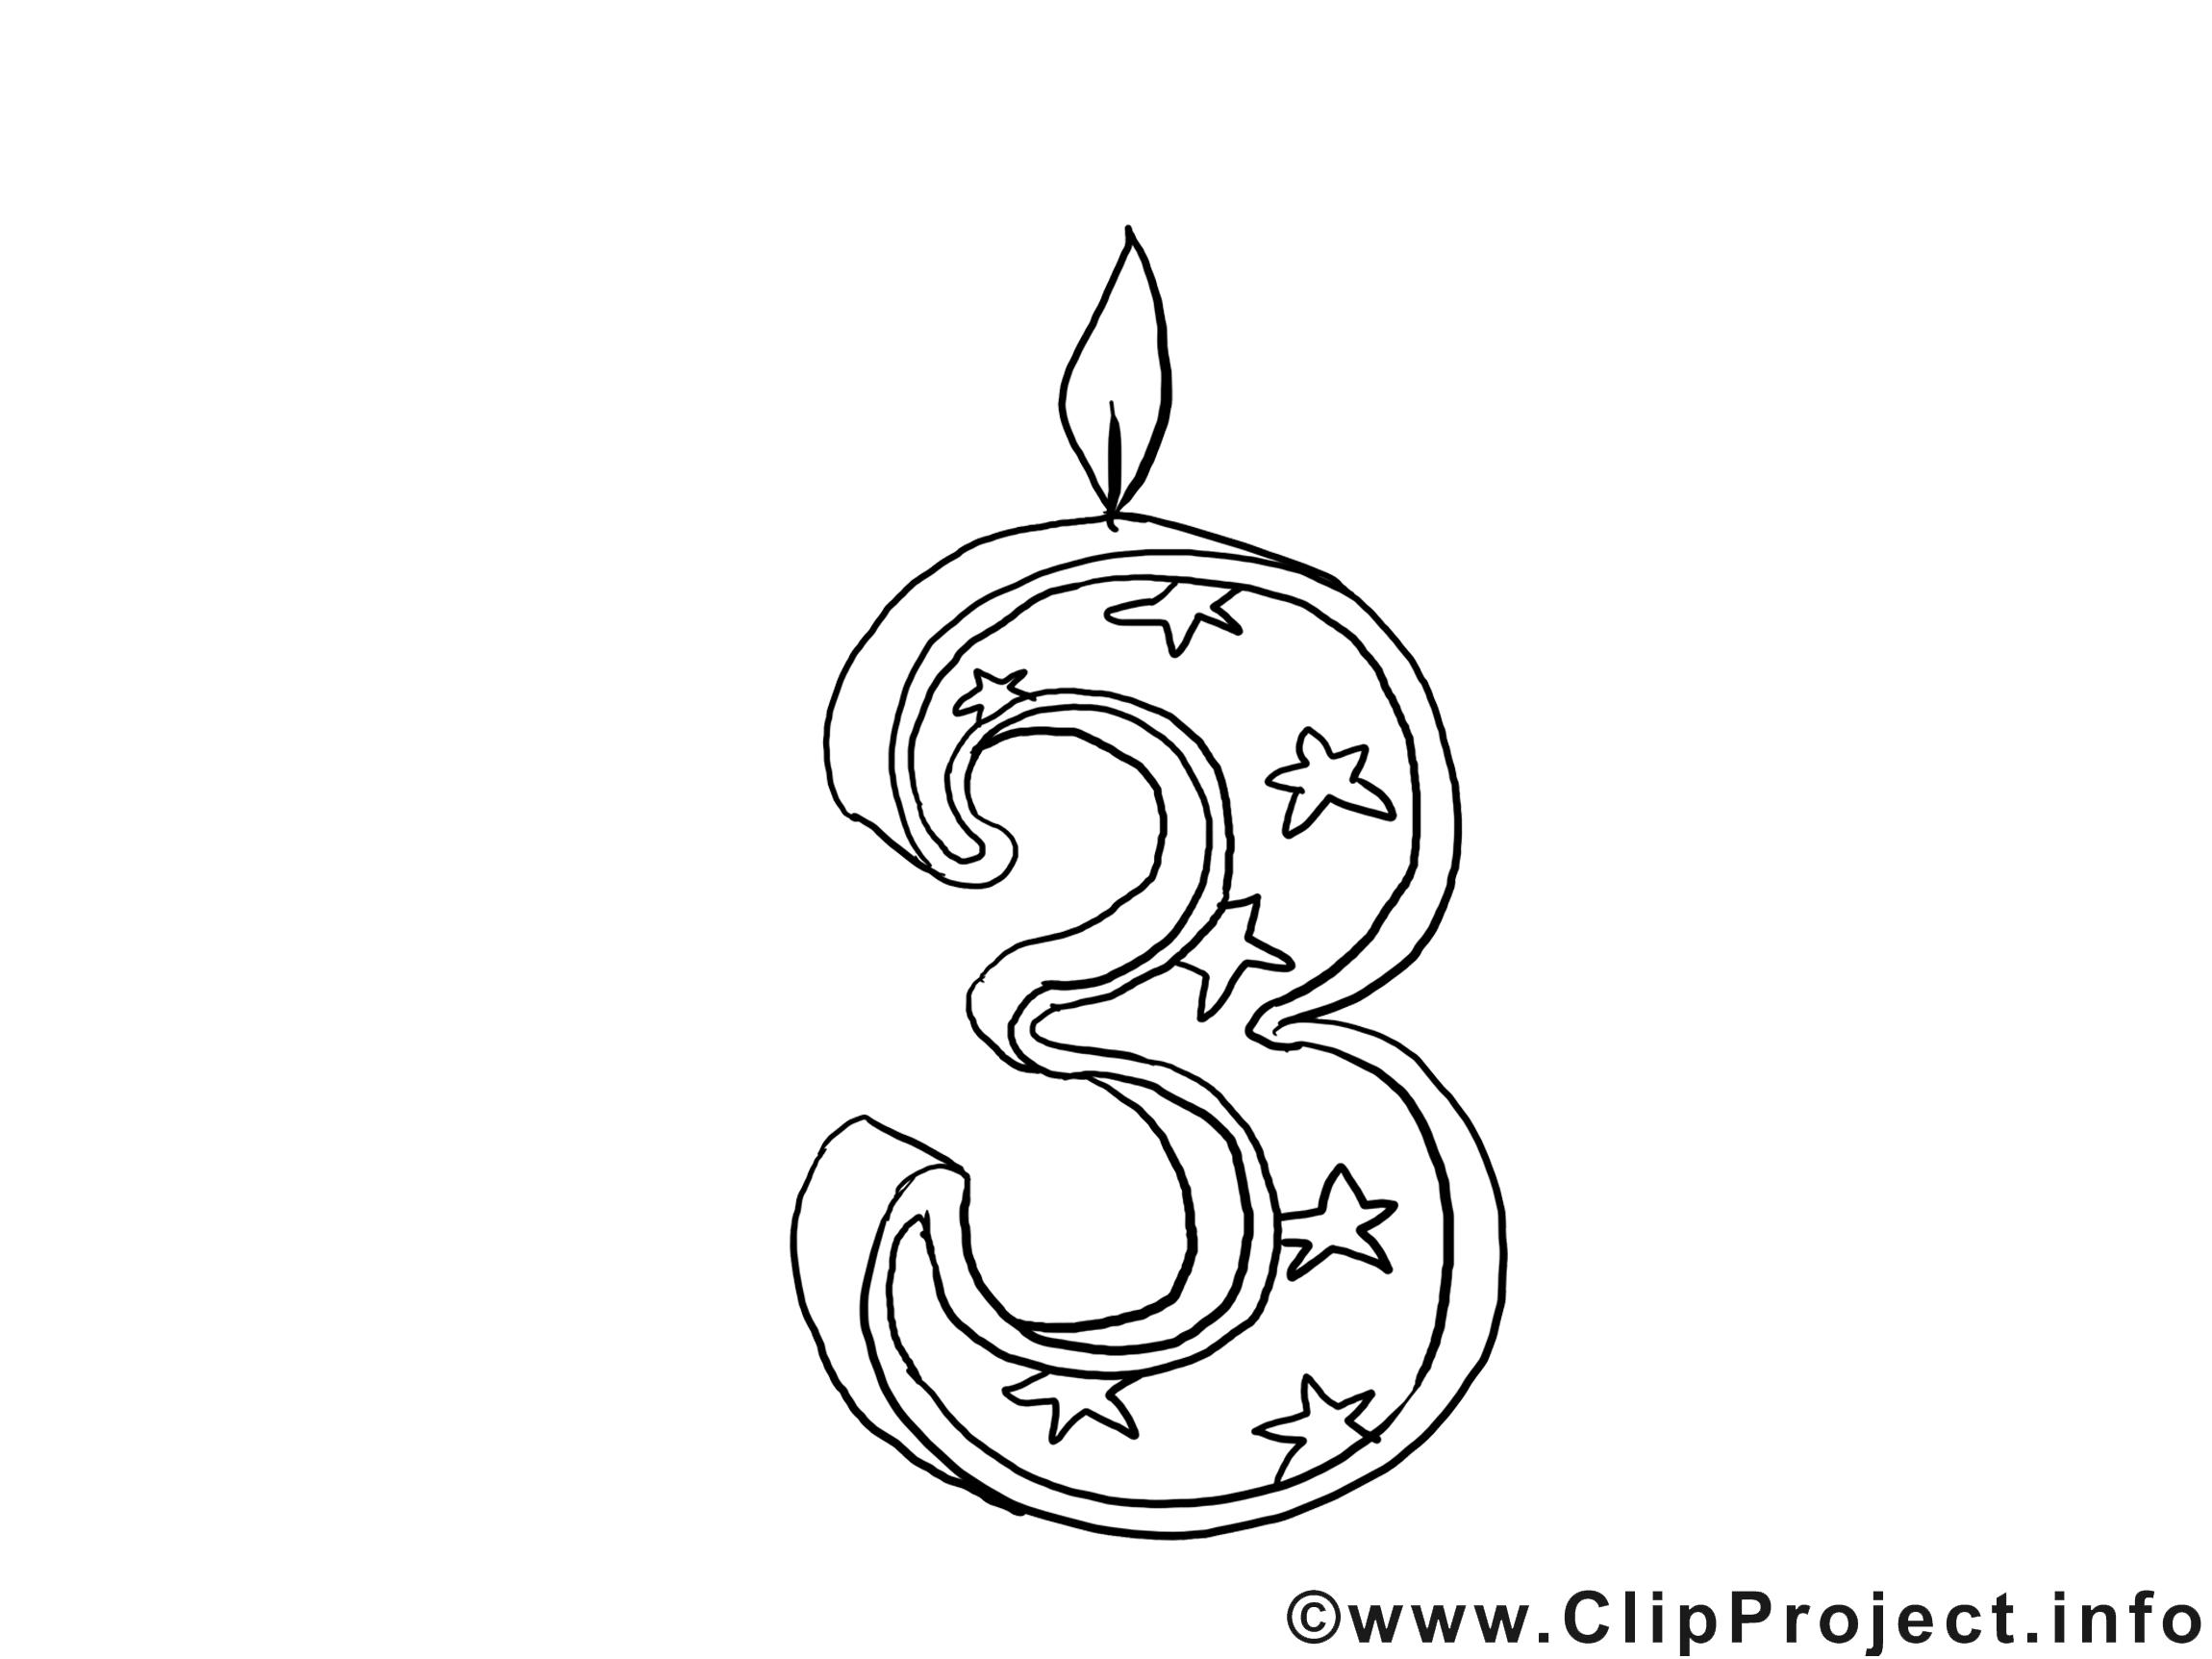 3 ans dessin gratuit anniversaire colorier anniversaire coloriages gratuit dessin picture - Coloriage 3 ans ...